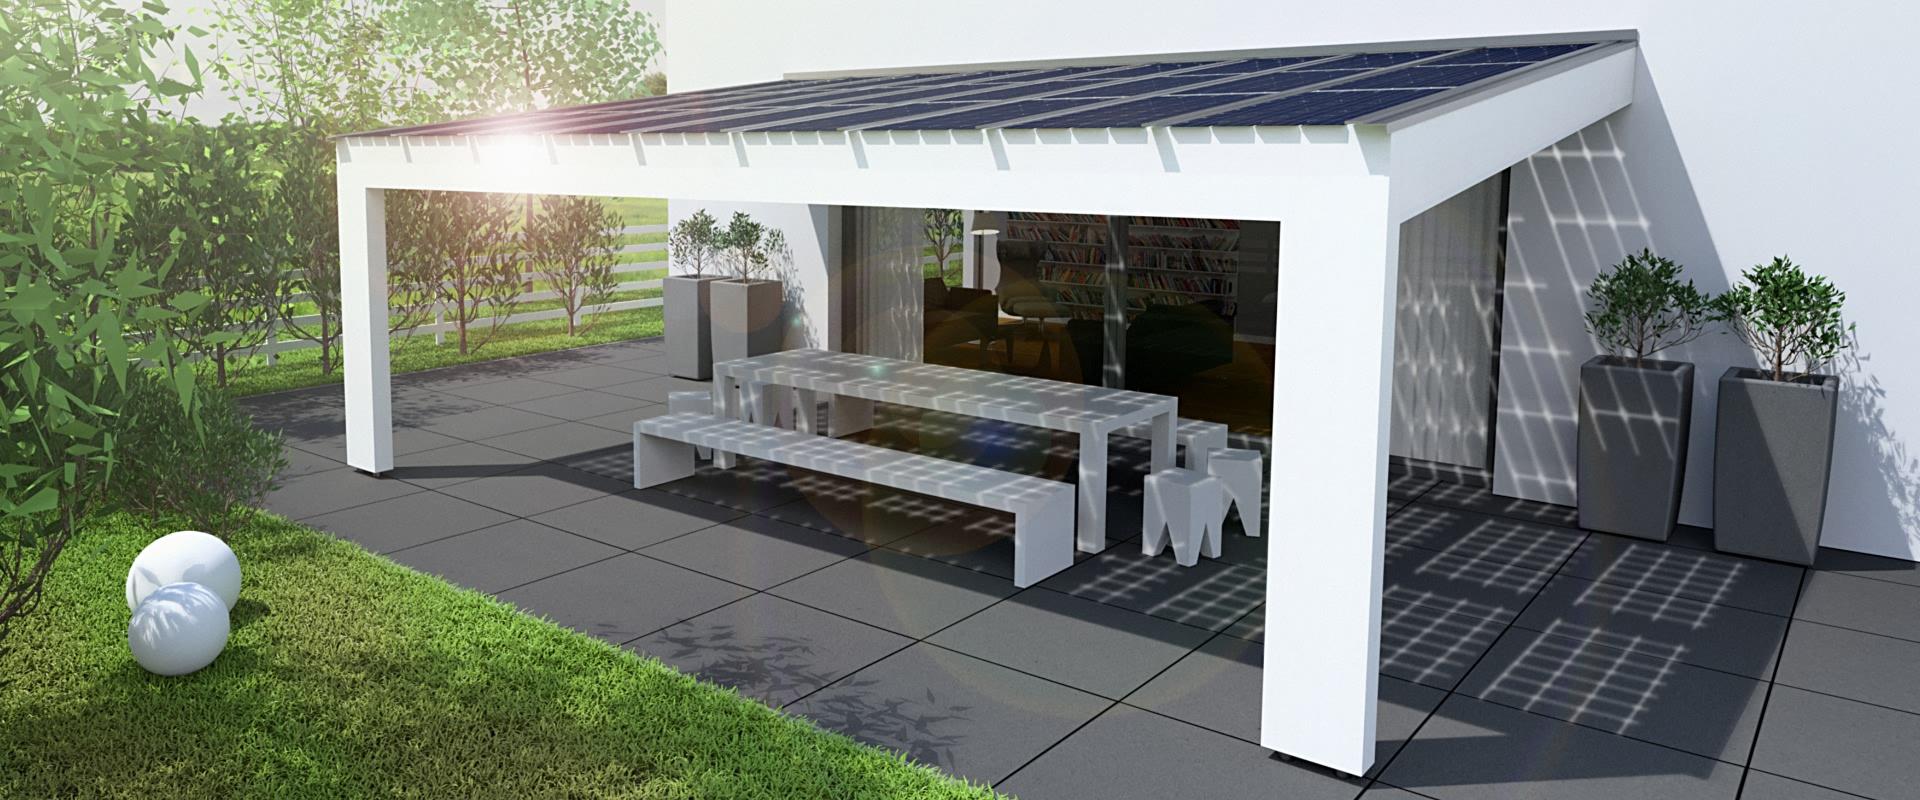 solarterrasse solarcarport ab 0 aus holz alu oder. Black Bedroom Furniture Sets. Home Design Ideas